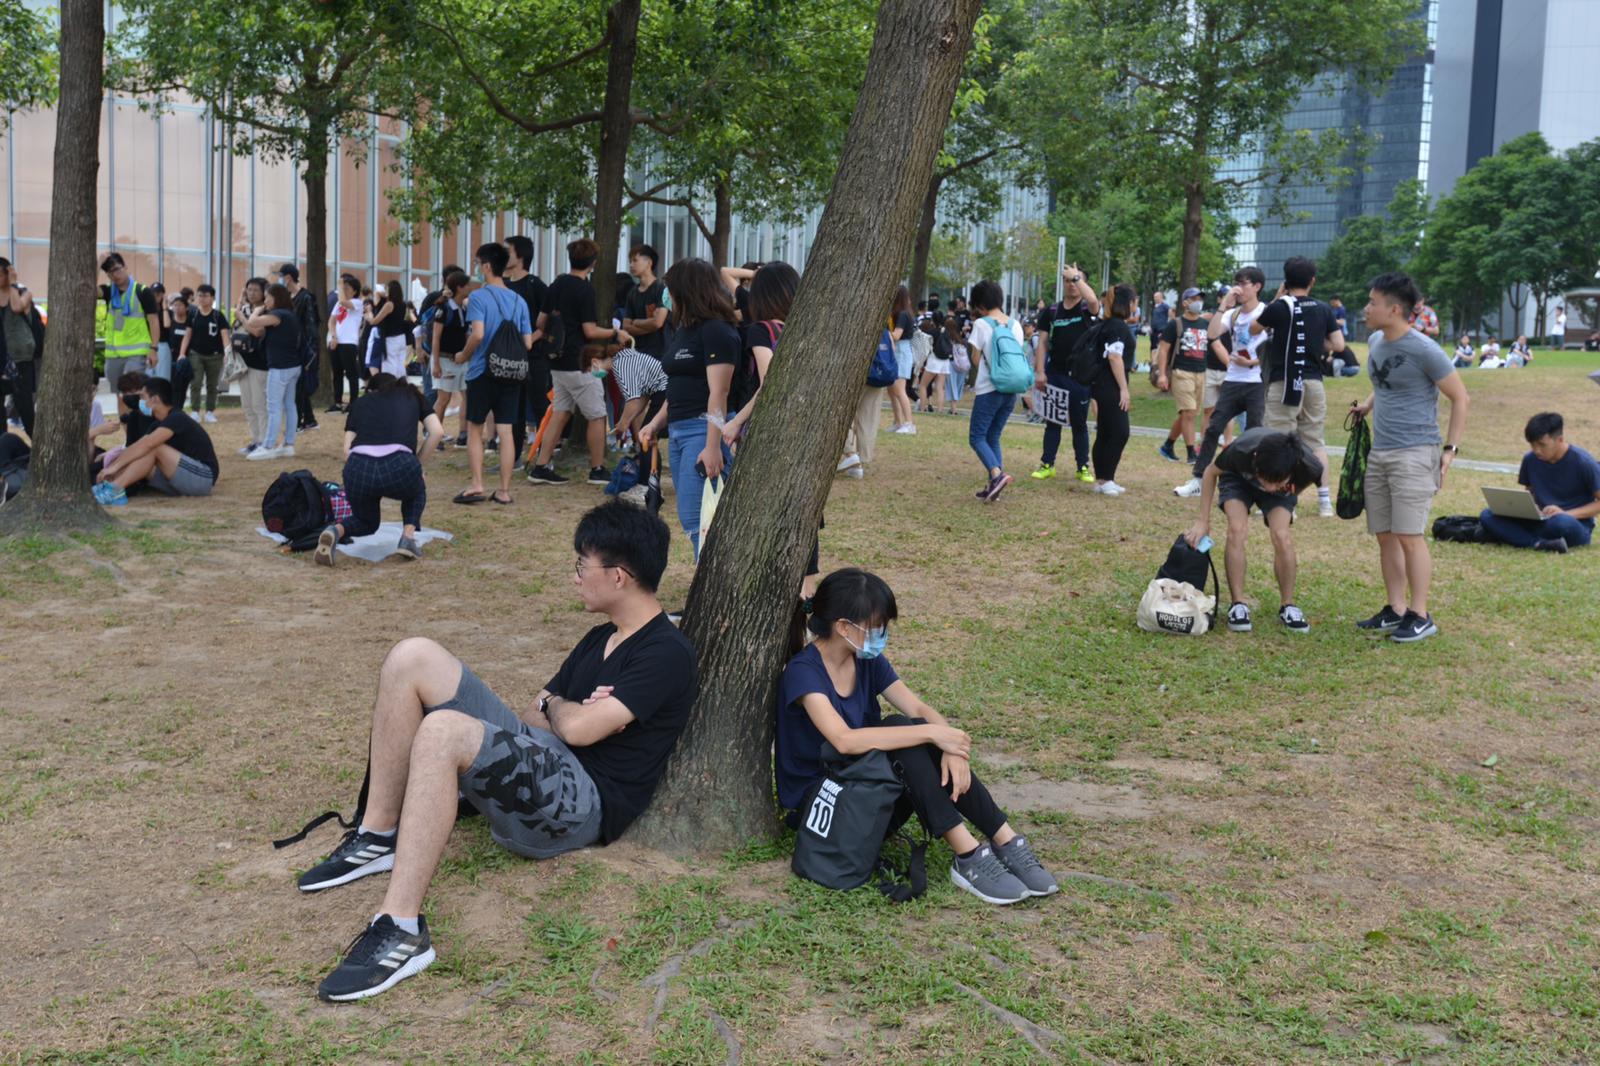 【逃犯條例】天雨影響 香港眾志取消添馬公園罷課集會